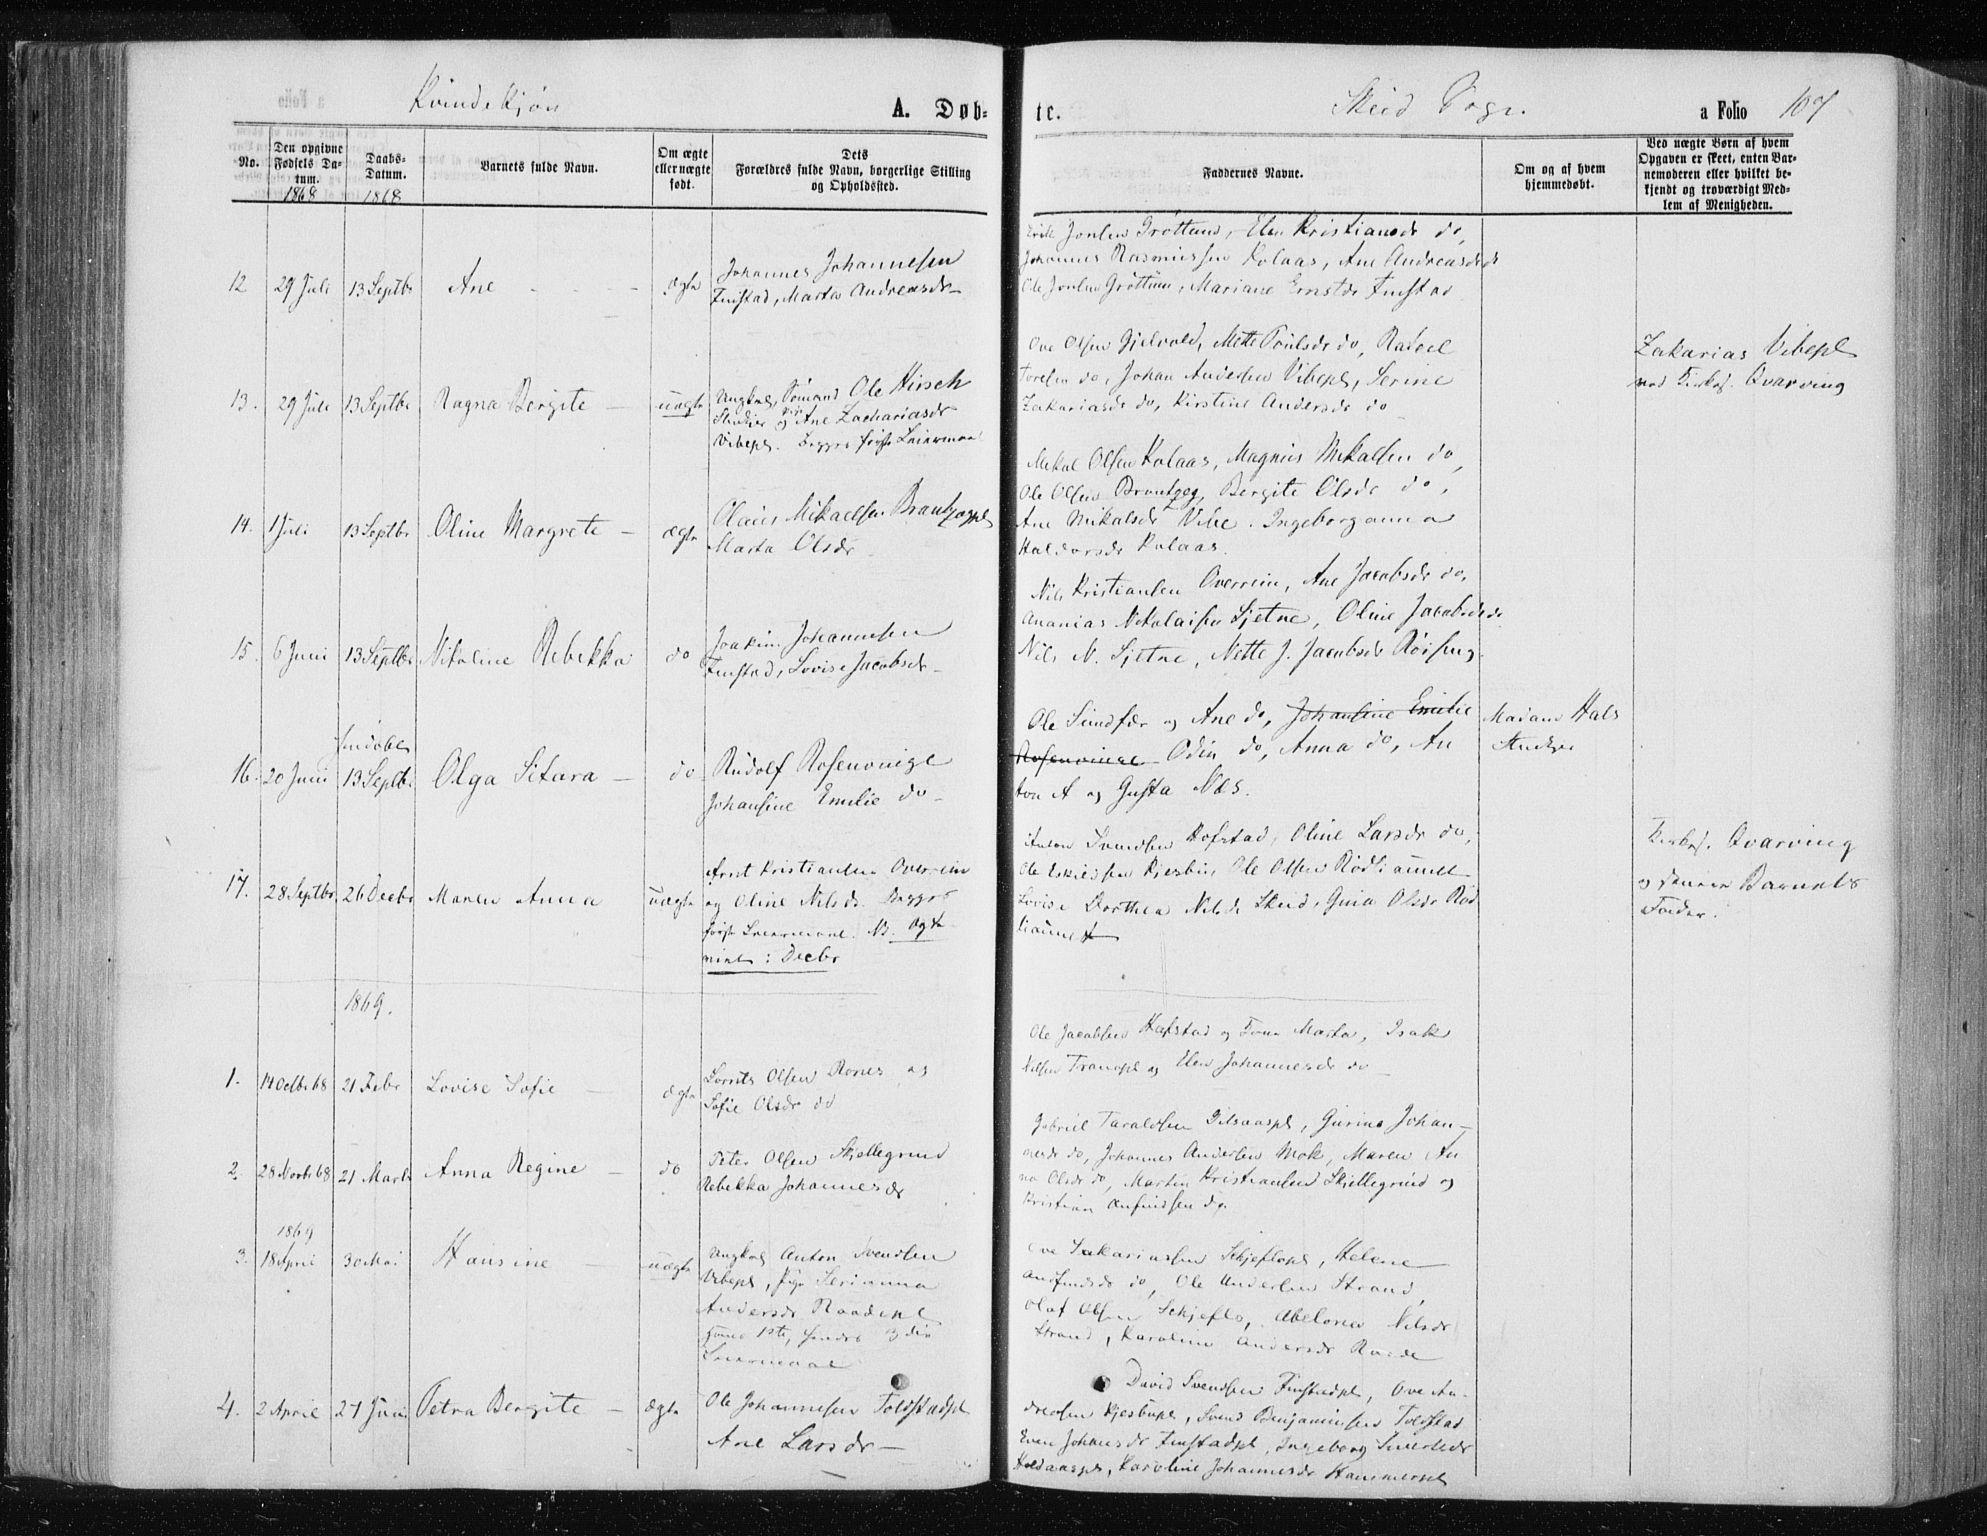 SAT, Ministerialprotokoller, klokkerbøker og fødselsregistre - Nord-Trøndelag, 735/L0345: Ministerialbok nr. 735A08 /2, 1863-1872, s. 107